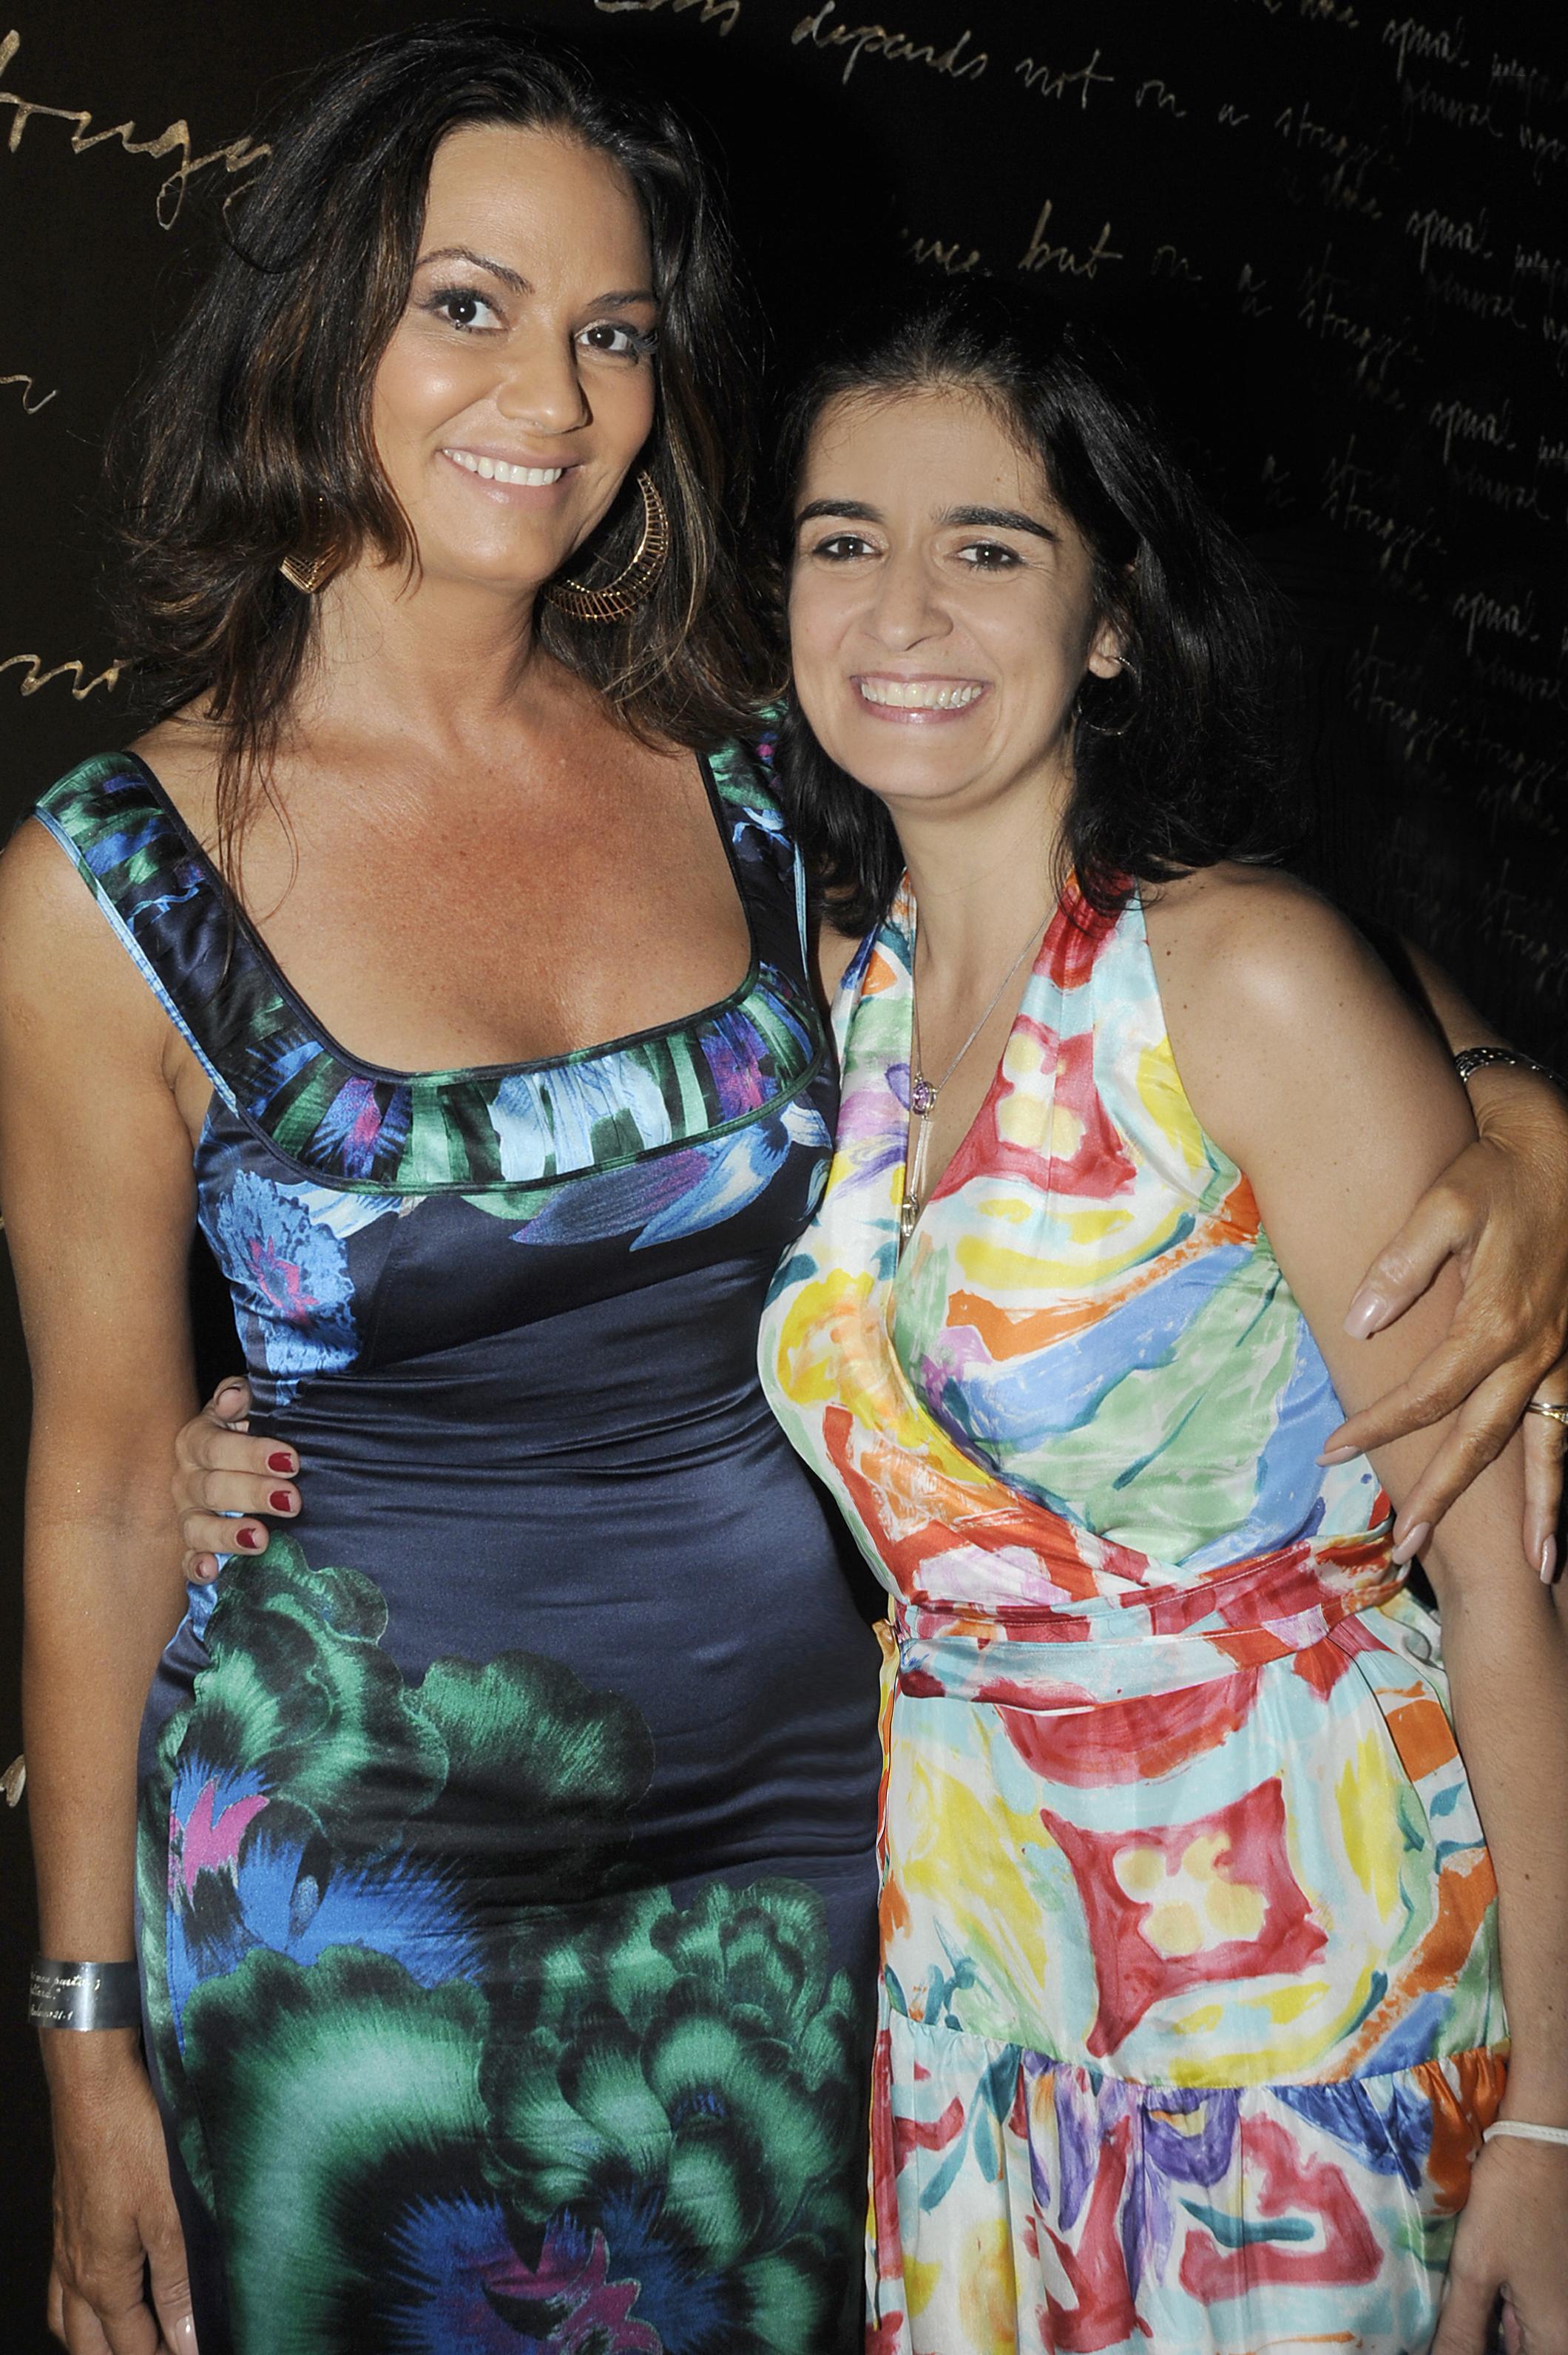 LuizaBrunet FernandaCalfat 001.JPG